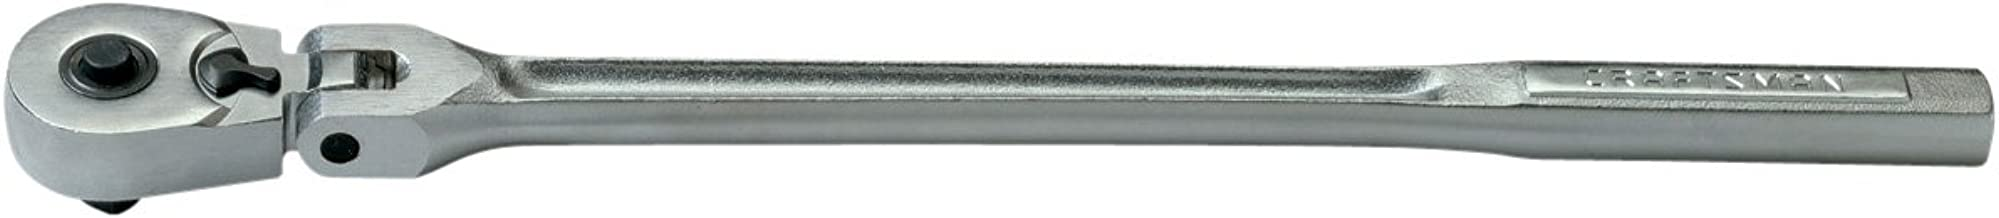 Craftsman 1/2-Inch Drive Flex Head Quick Release Teardrop Ratchet, 9-44816